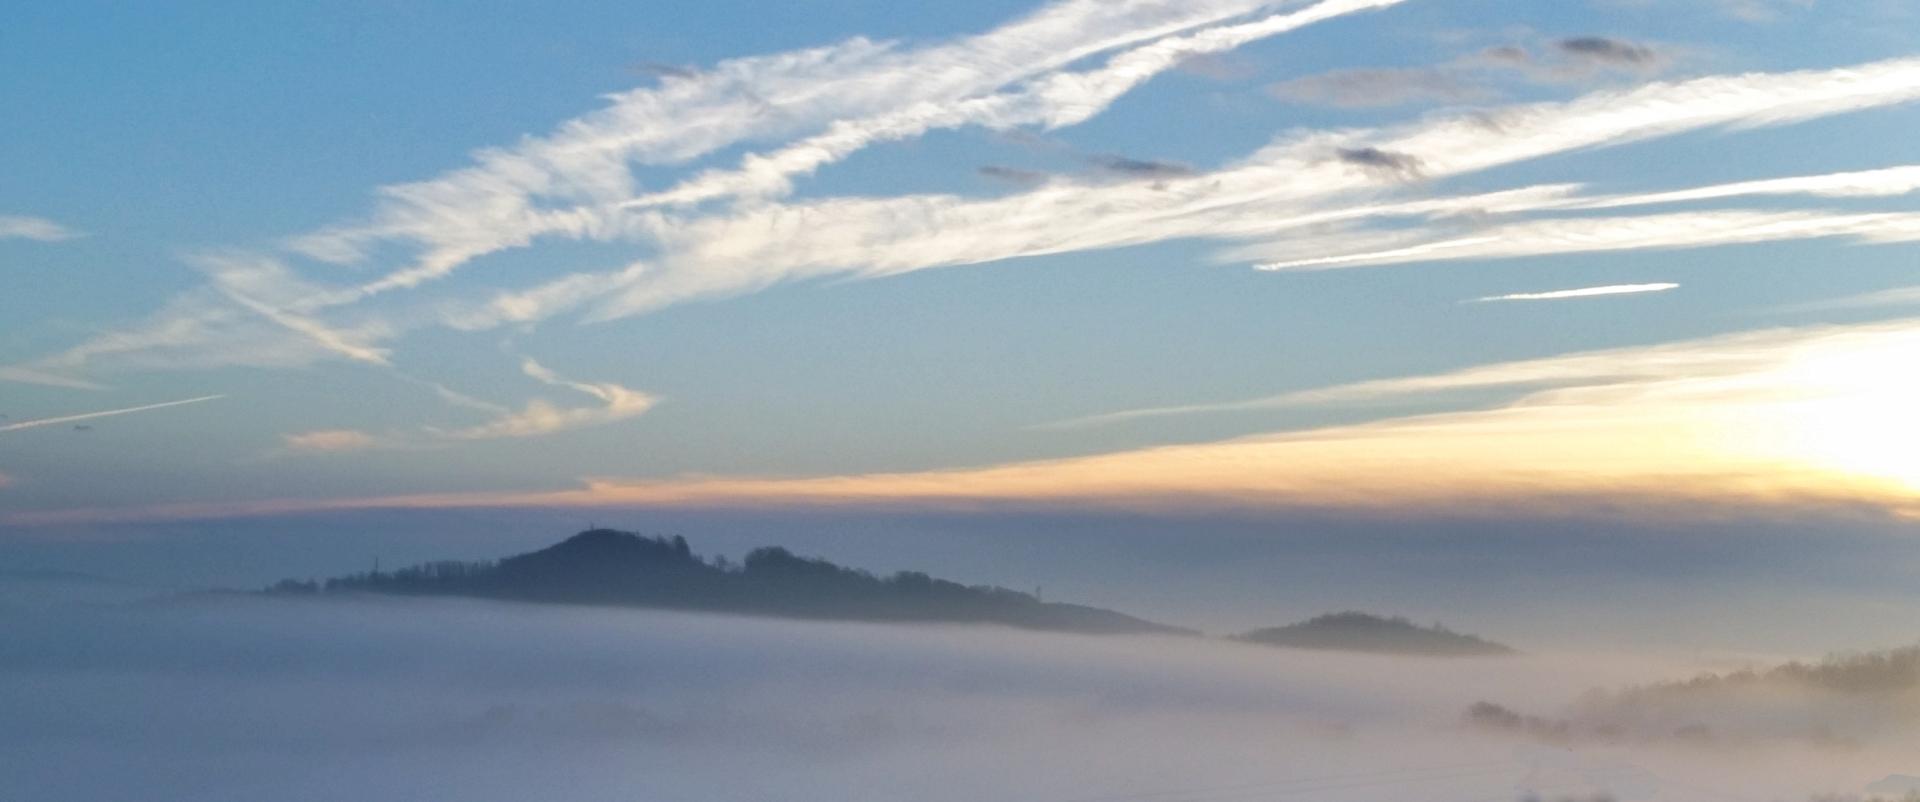 Fog_2.8.2017-4